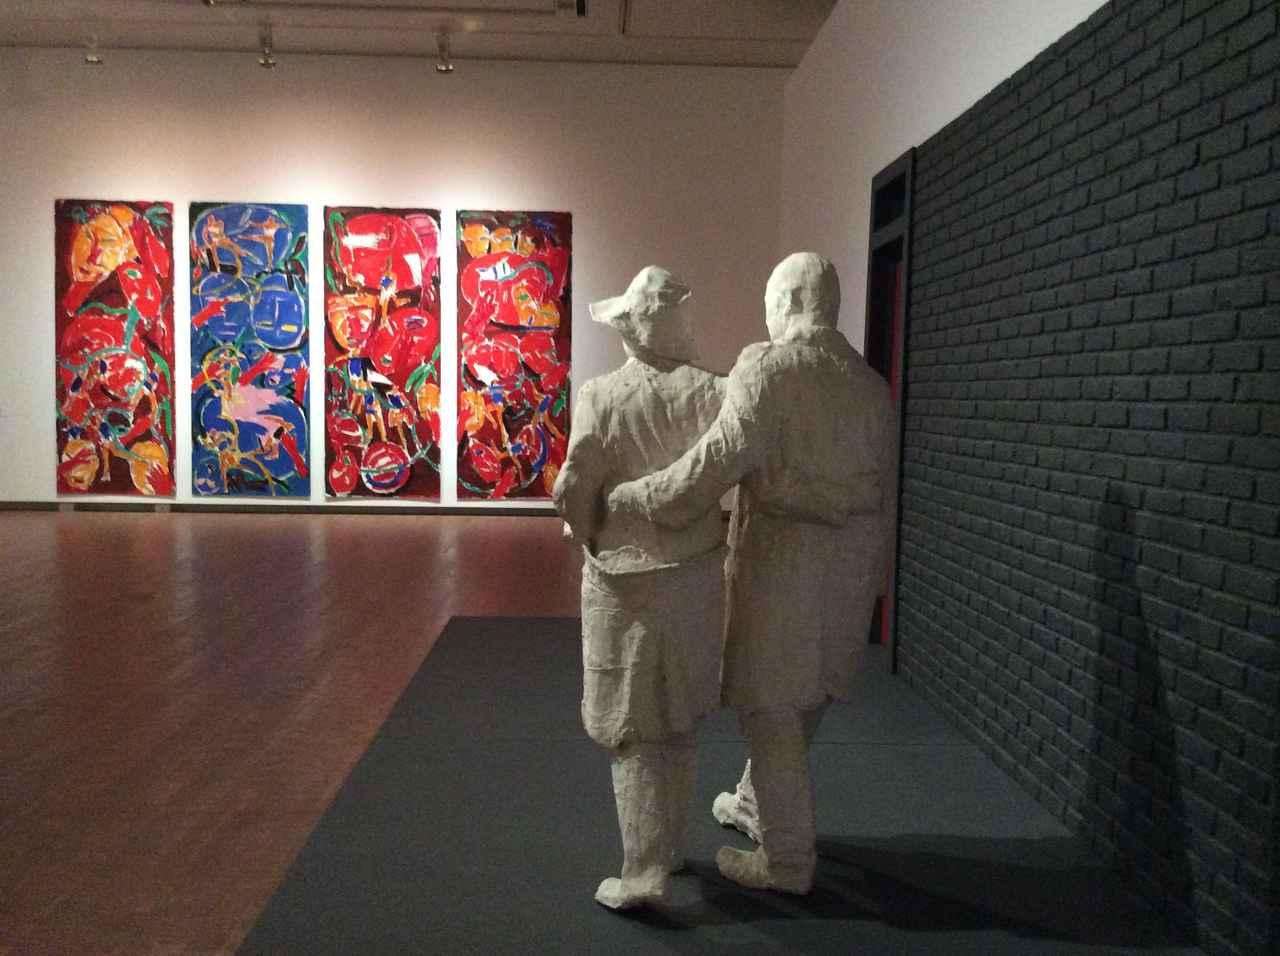 画像: 奥)ブルース・マクレーン《バレエ、ブリⅠのための習作》1981年 手前)ジョージ・シーガル《瓦礫の壁》1970年 photo©︎cinefil